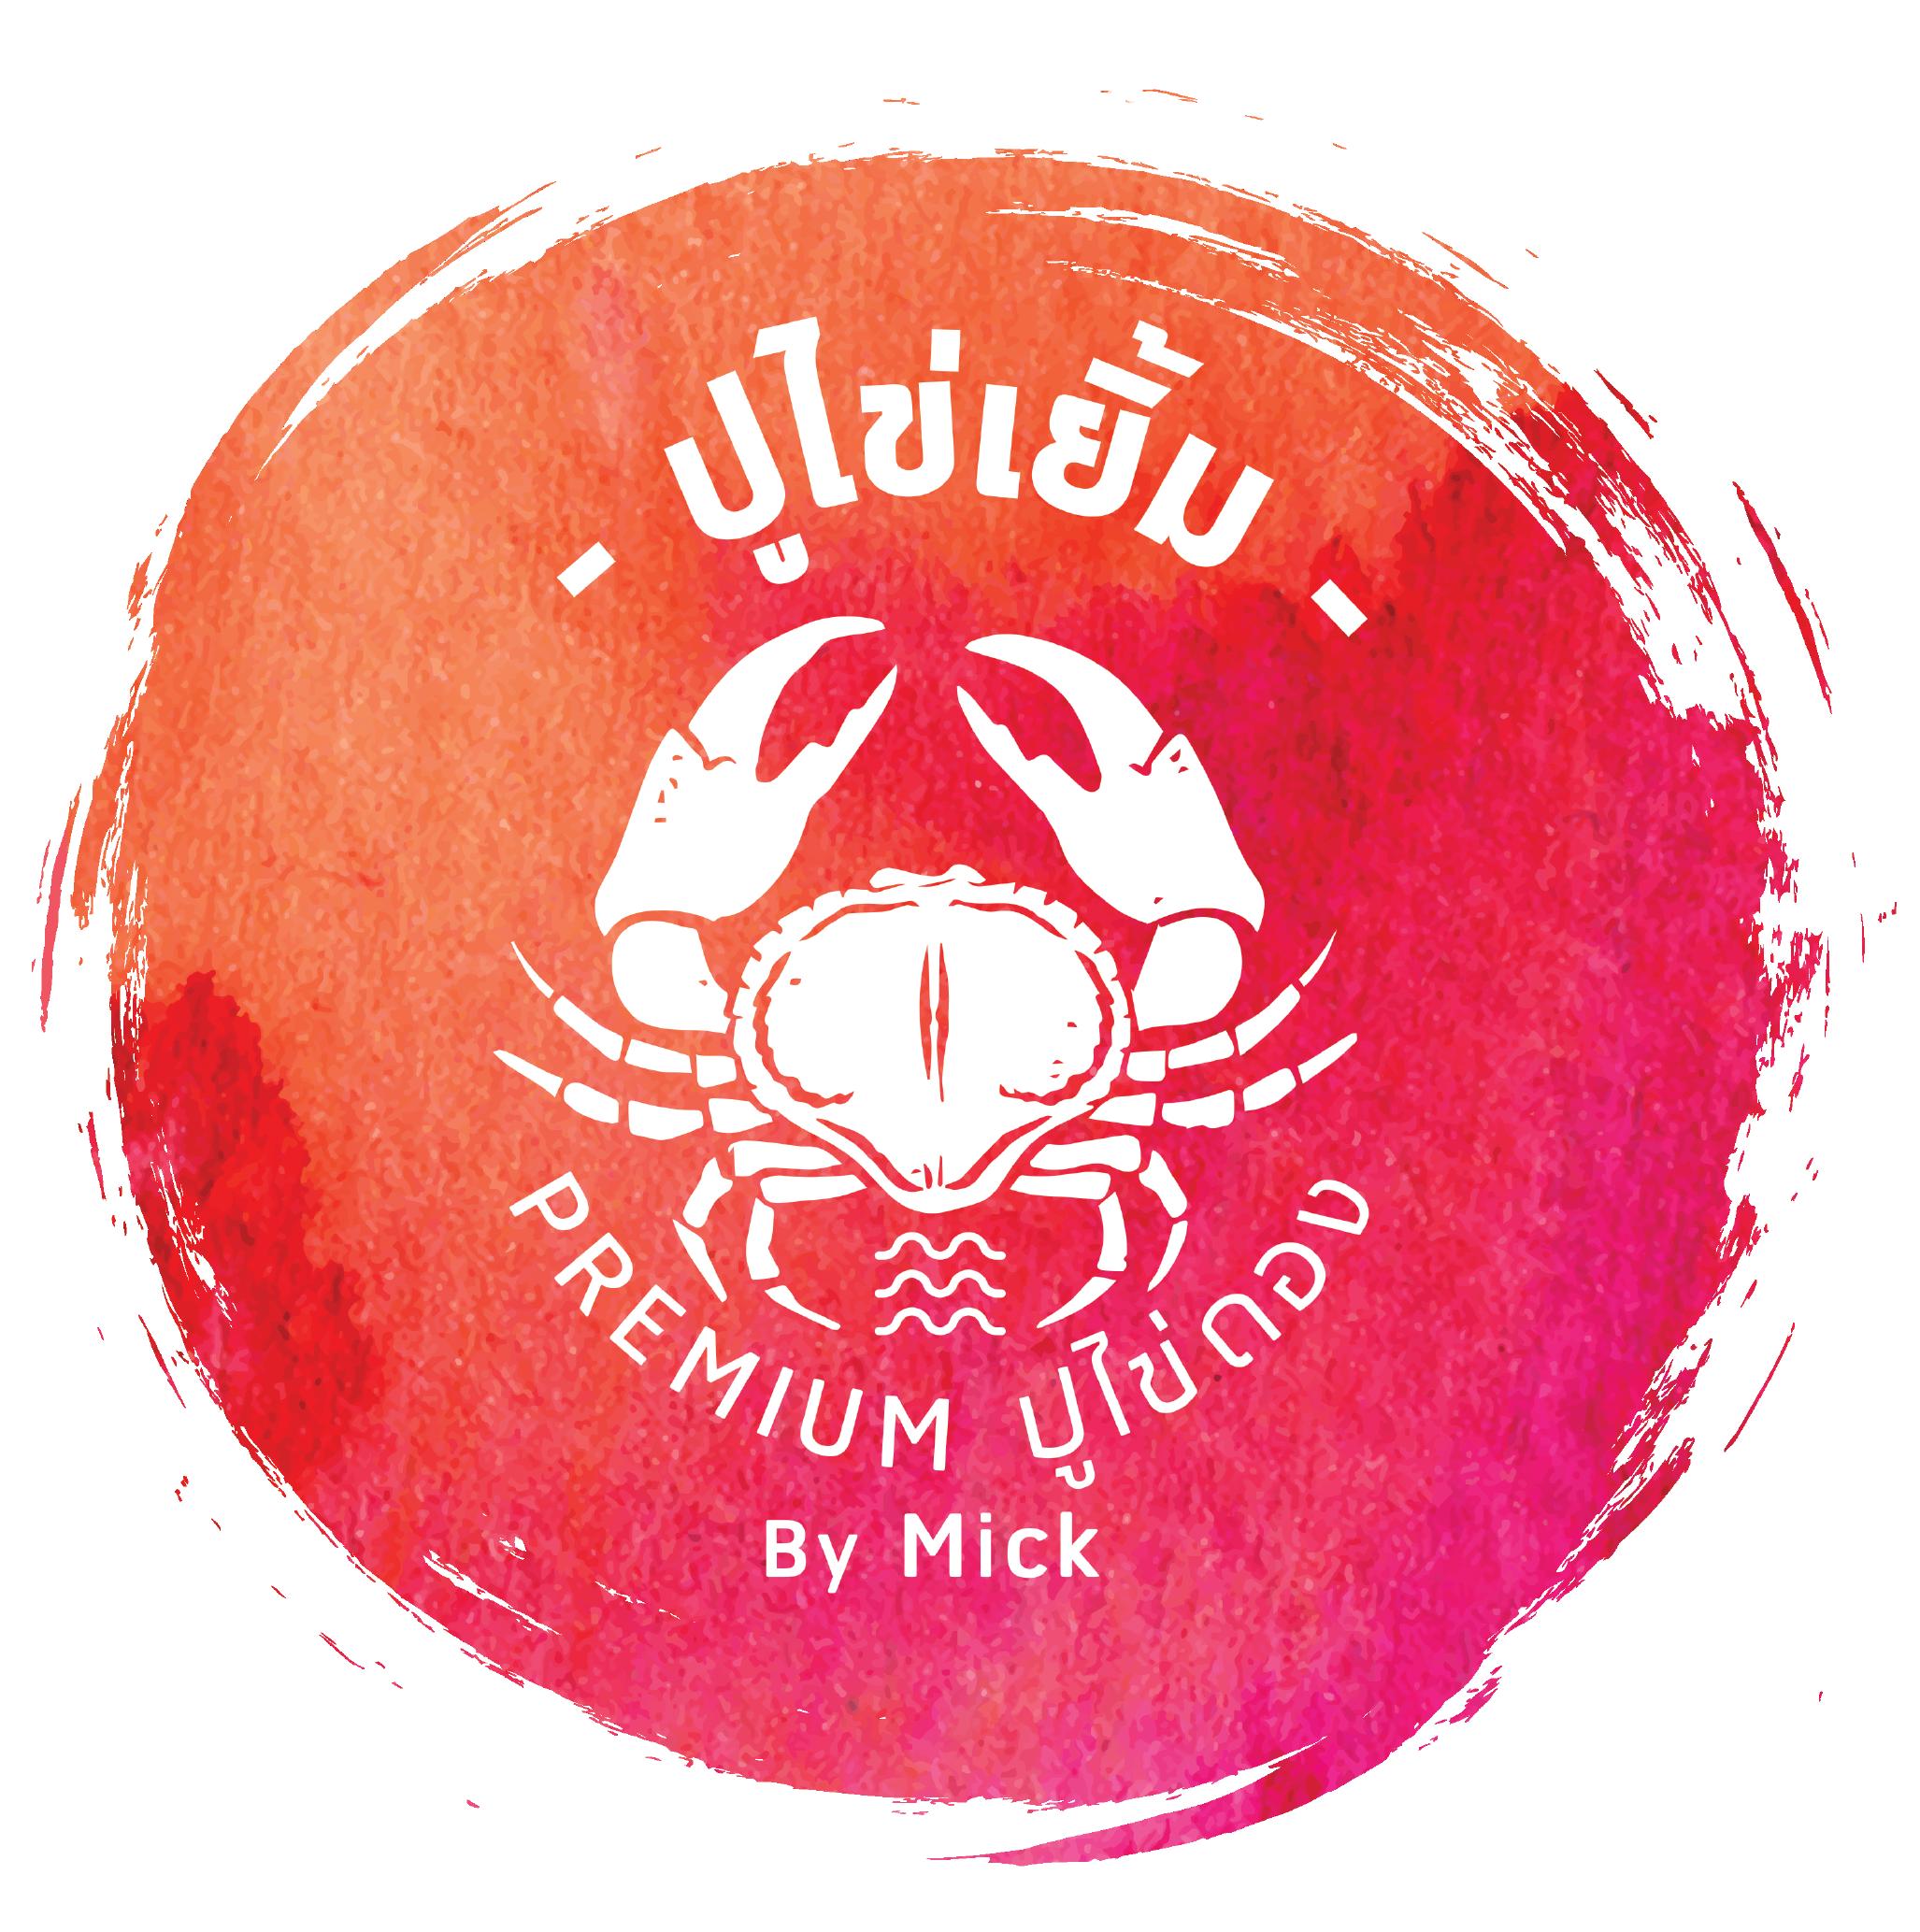 ปูไข่เยิ้ม by Mick  ปูไข่ดองพรีเมี่ยม จะทานทั้งทีต้องดีที่สุดแบบ Delivery จัดส่งทั่วประเทศ  – Pookaiyerm Official Website